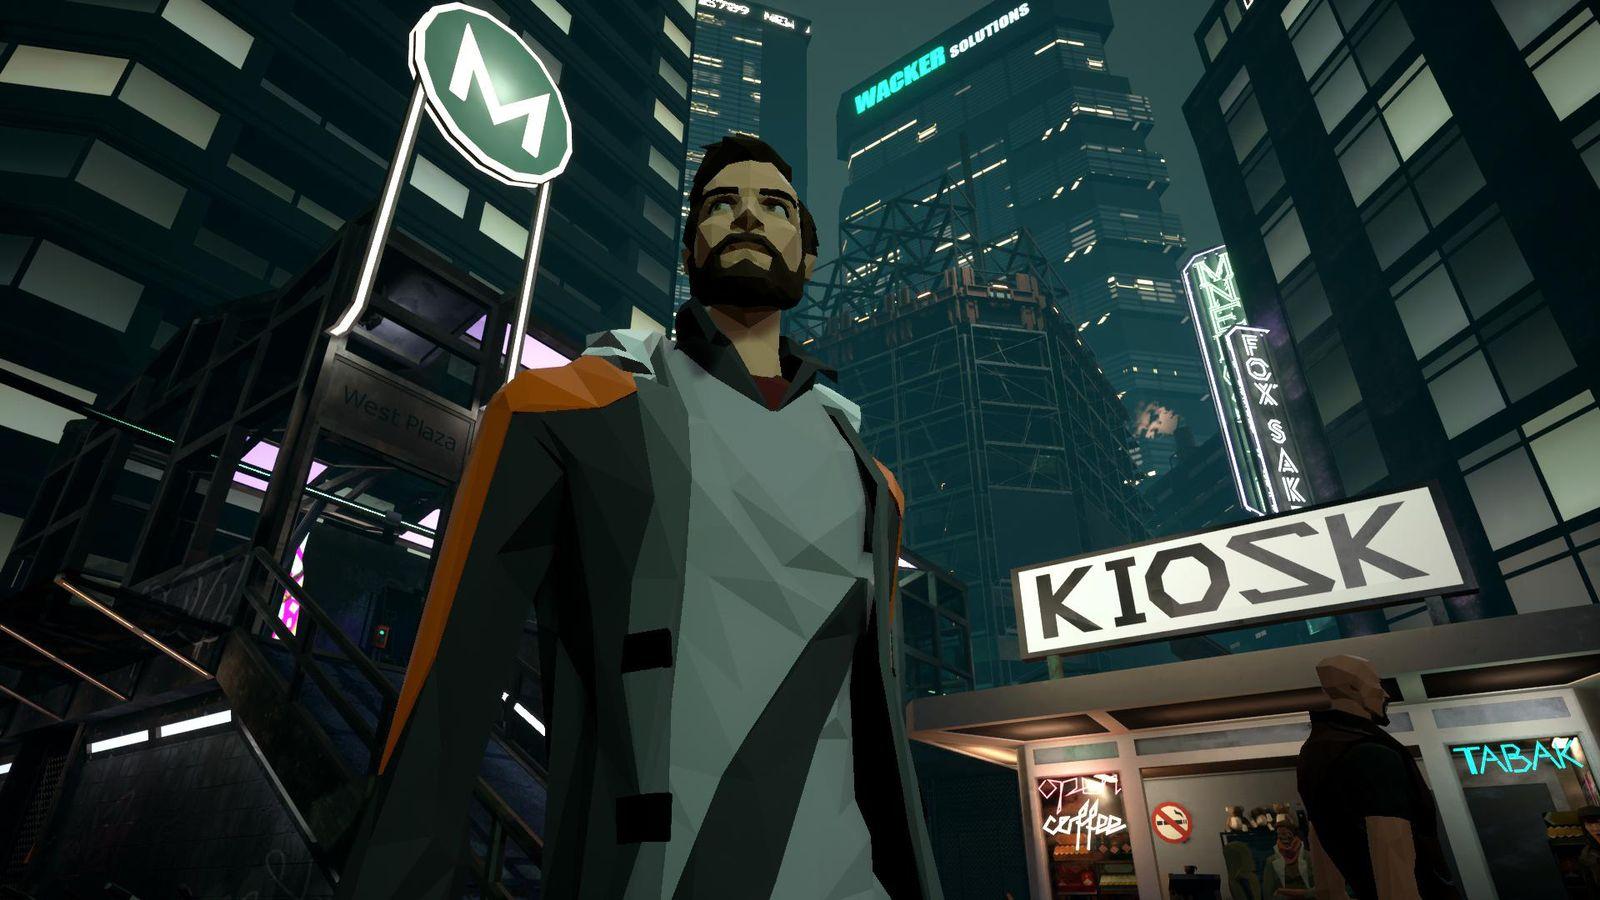 NUR ALS ZITAT Screenshot Netzwelt/ Game/ State of Mind